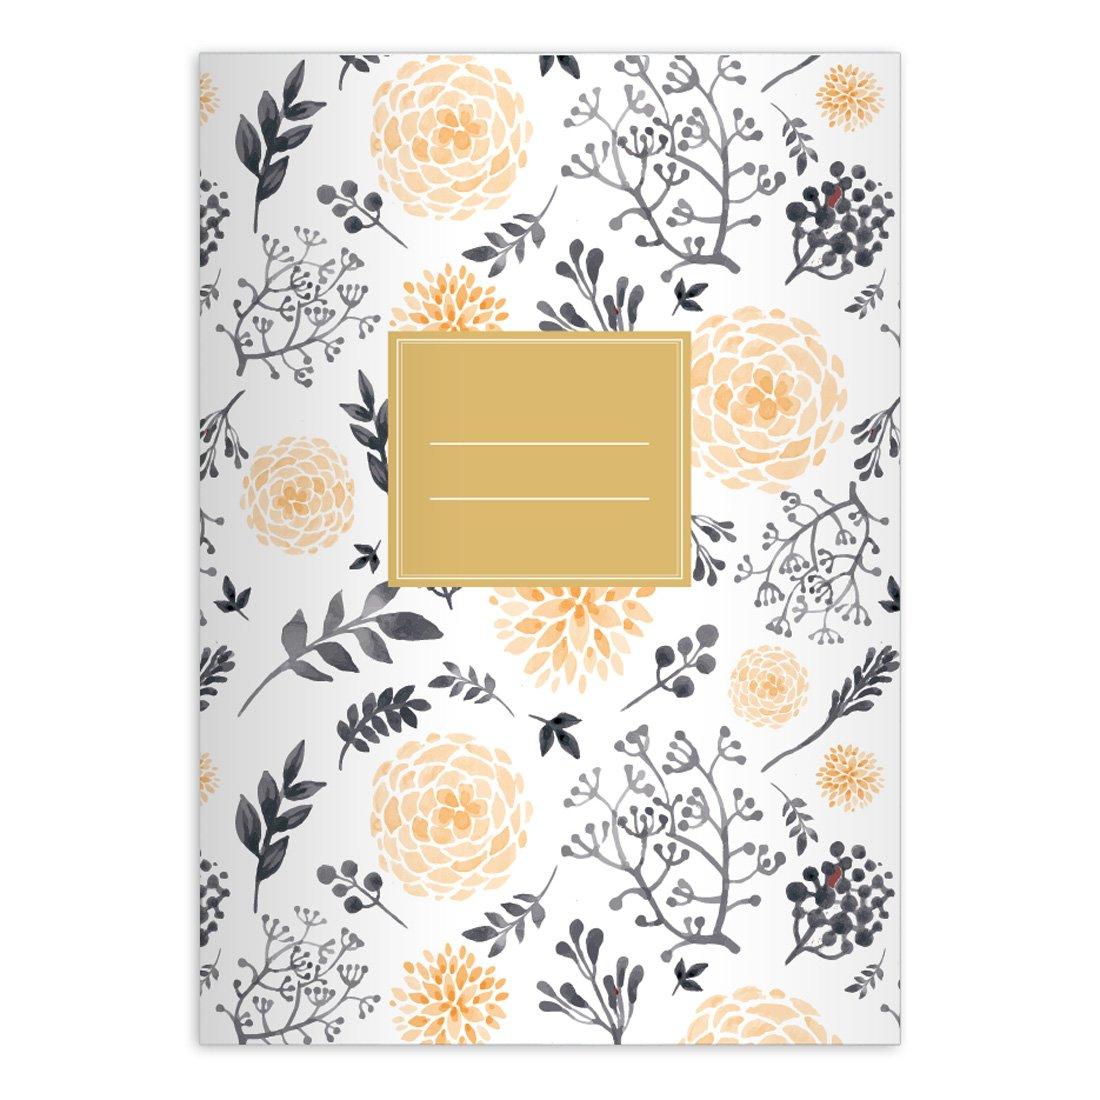 Kartenkaufrausch 2 personalisierte Bl/üten reiche Notizheft DIN A5 Schulhefte Schreibhefte mit Sommer Blumen in orange gr/ün Lineatur 6 blanko Heft